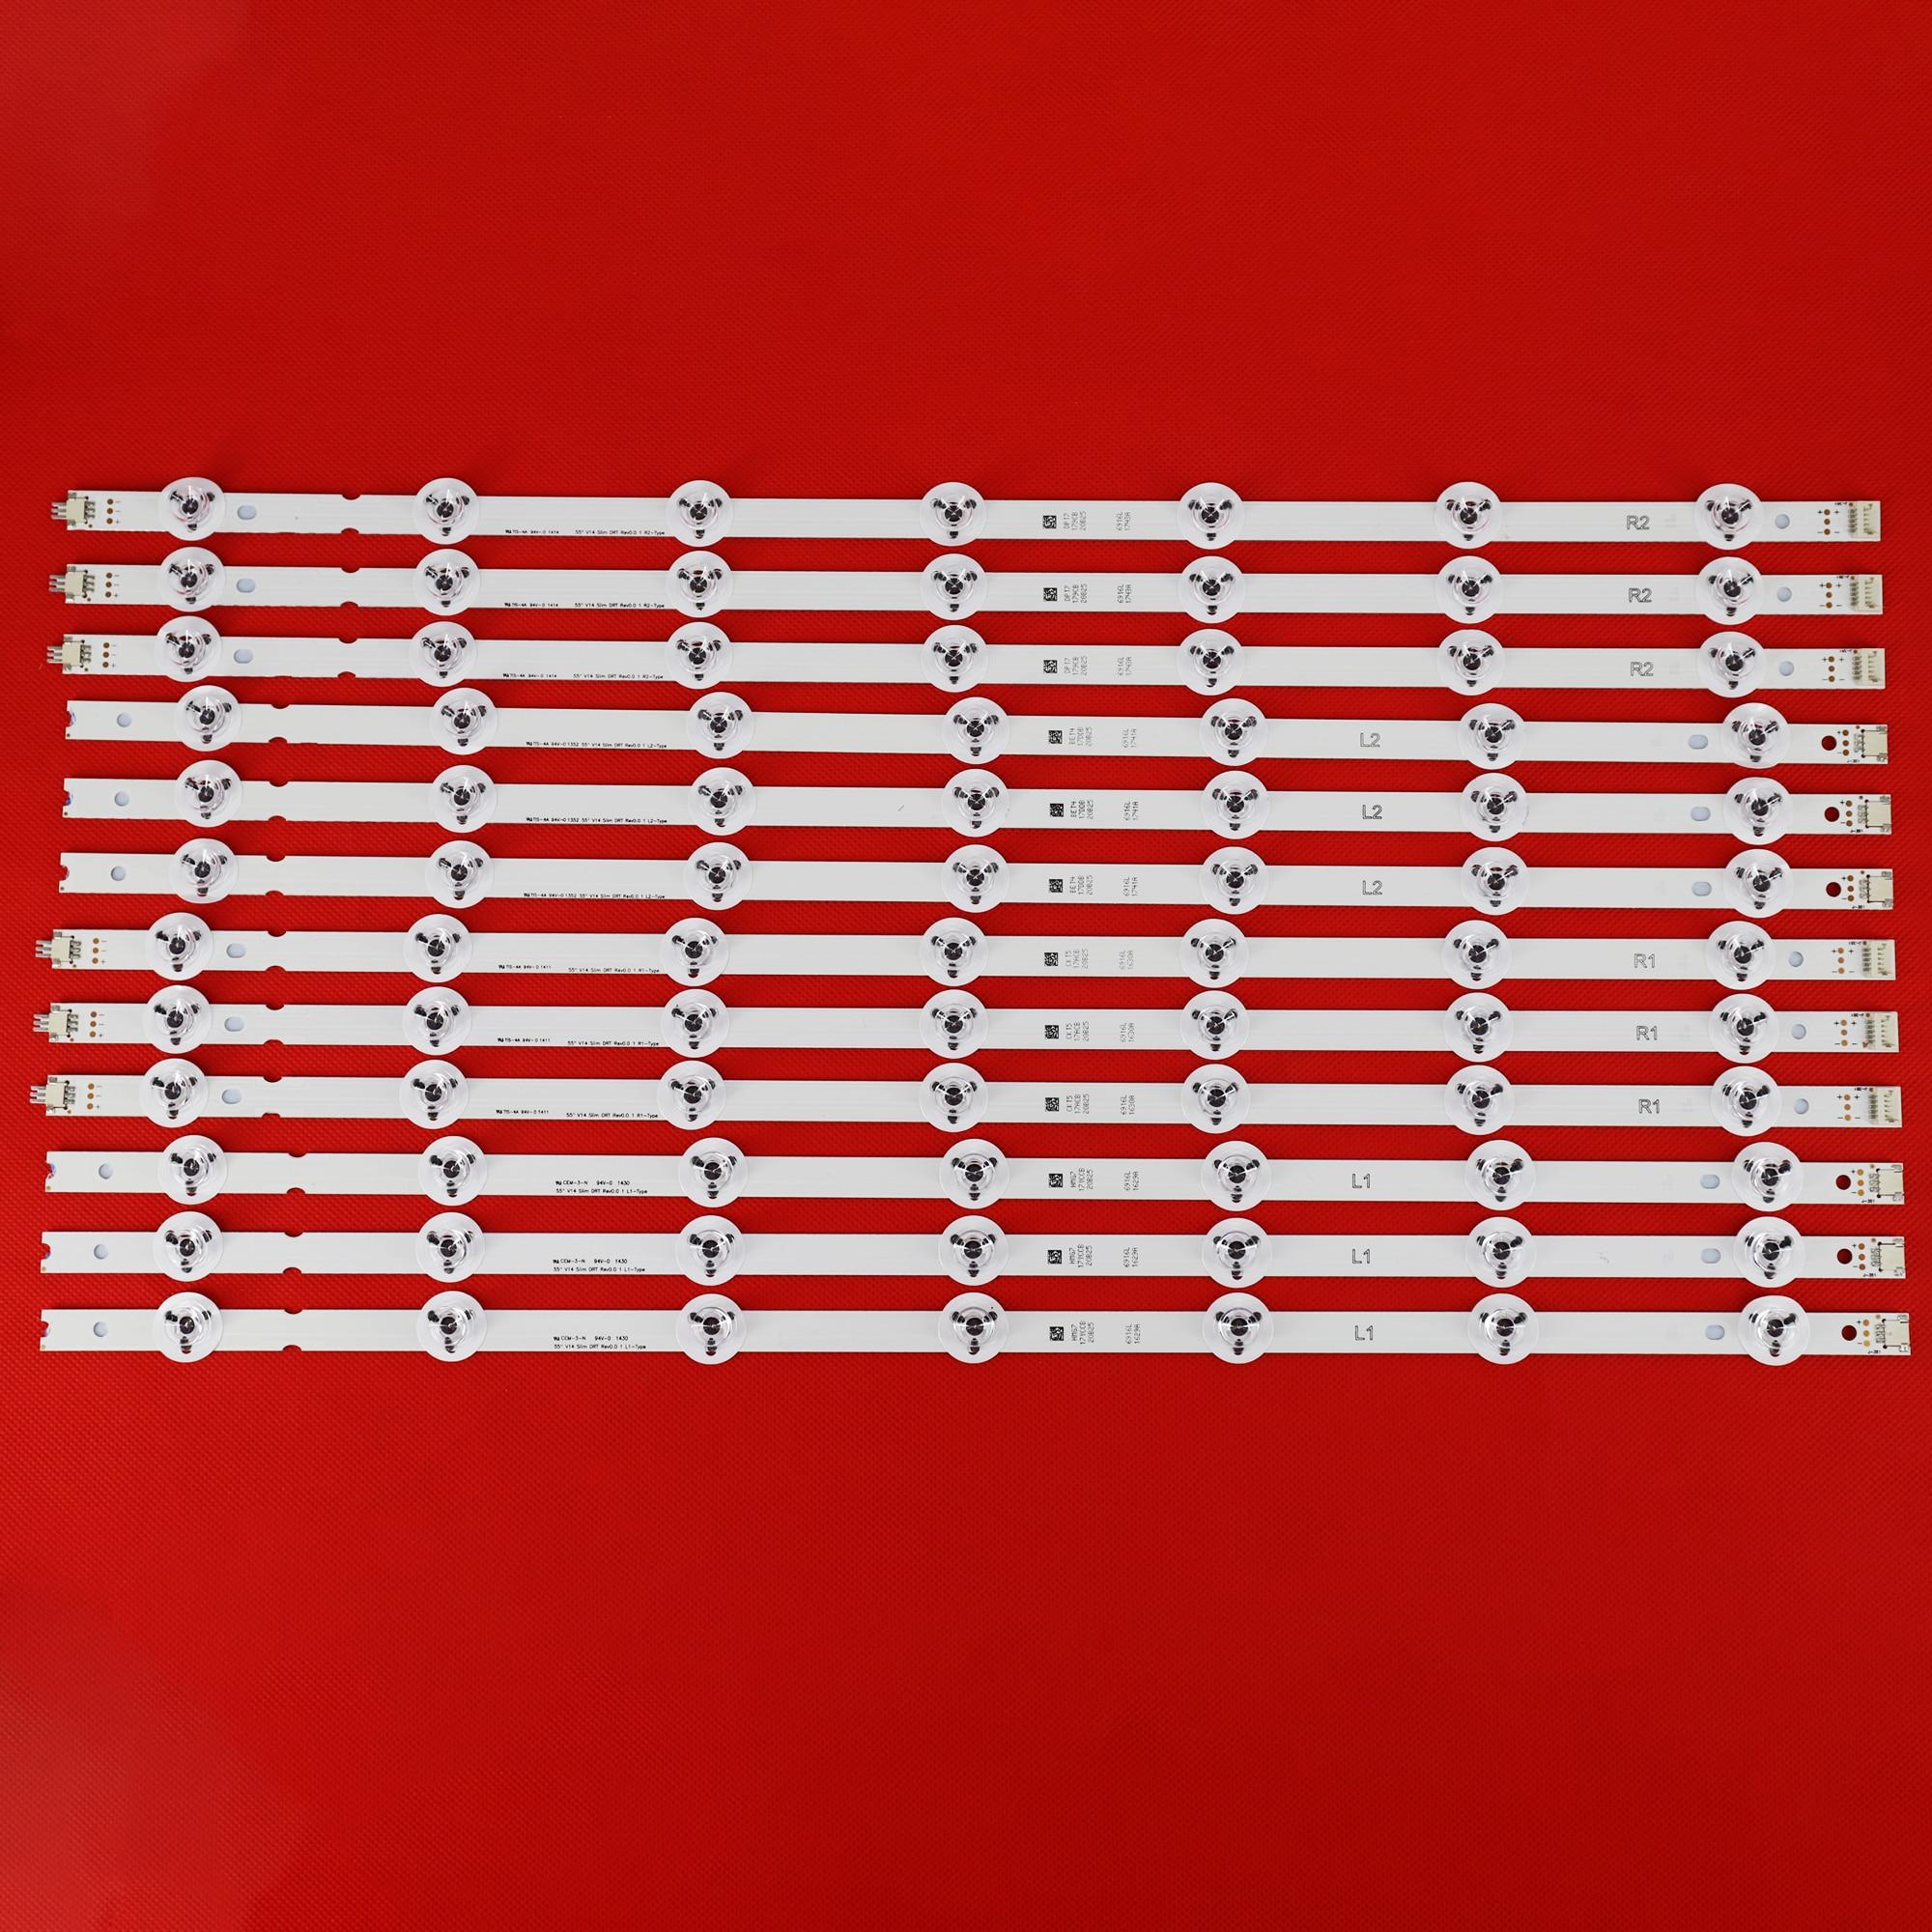 12 قطعة LED الخلفية قطاع ل LG 55LB677V 55LB670V 55LB679V 55LB690V 55LB700V 55LB720V 55LB730V 6916L-1629A 1630B 1743B 1741A